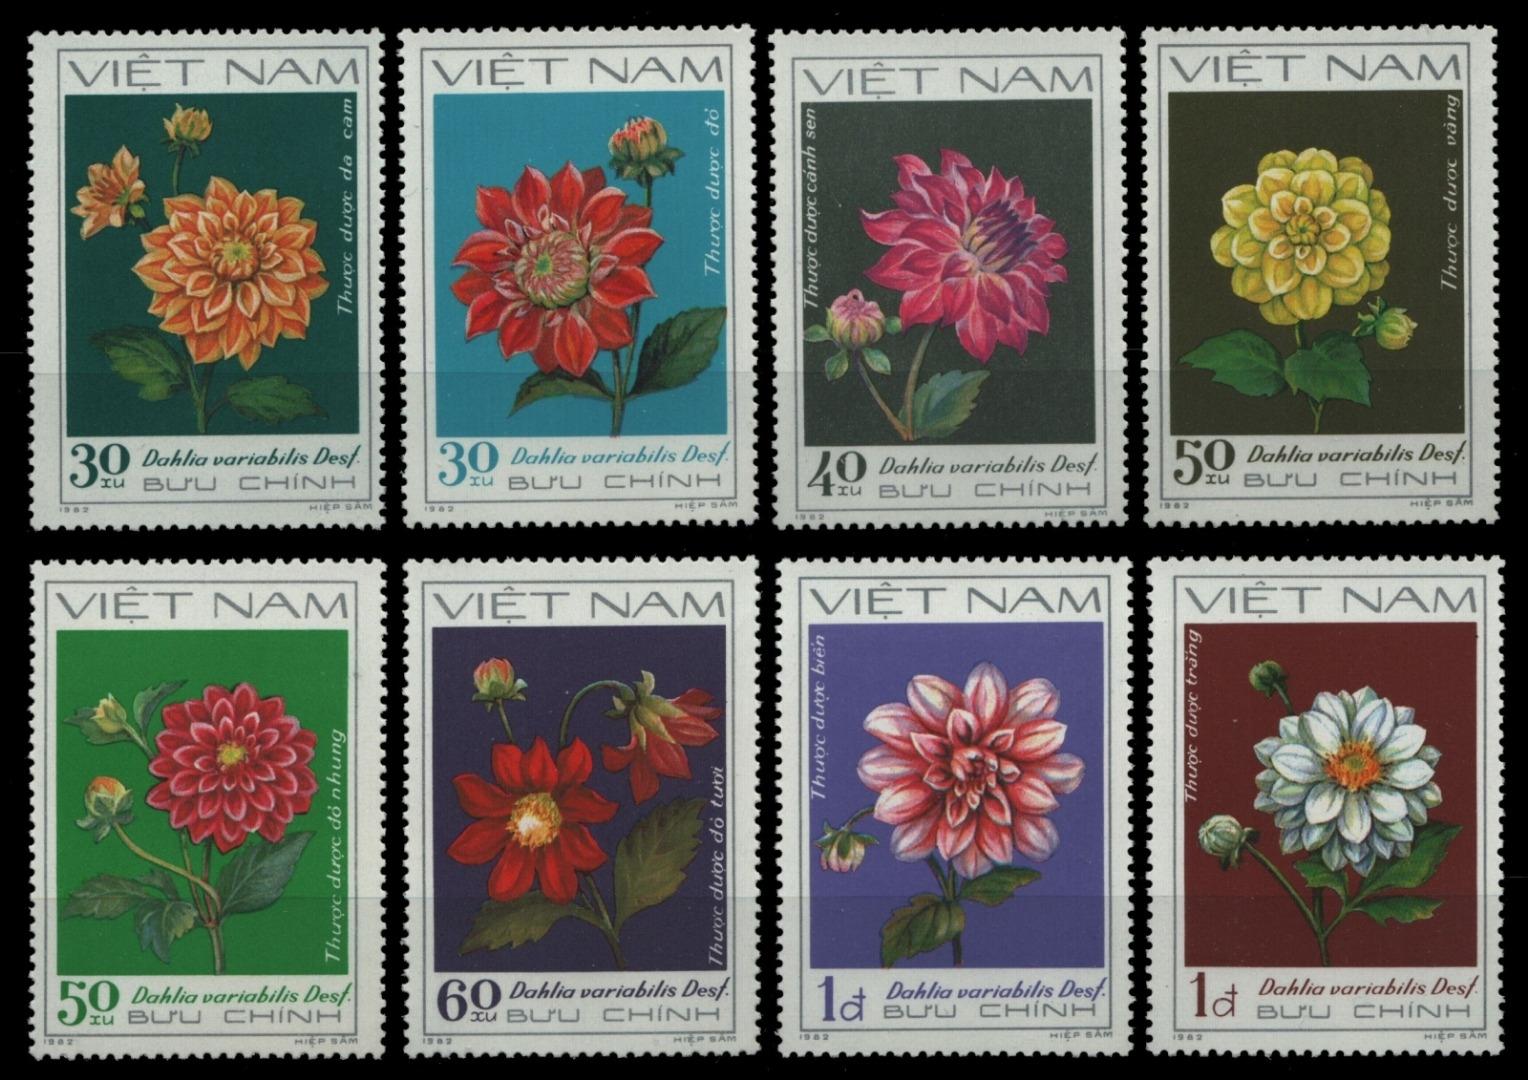 PréCis Vietnam 1982-mi-nº 1240-1247 (*) - Sans élastique Occasionnée-fleurs/flowers-afficher Le Titre D'origine Forfaits à La Mode Et Attrayants